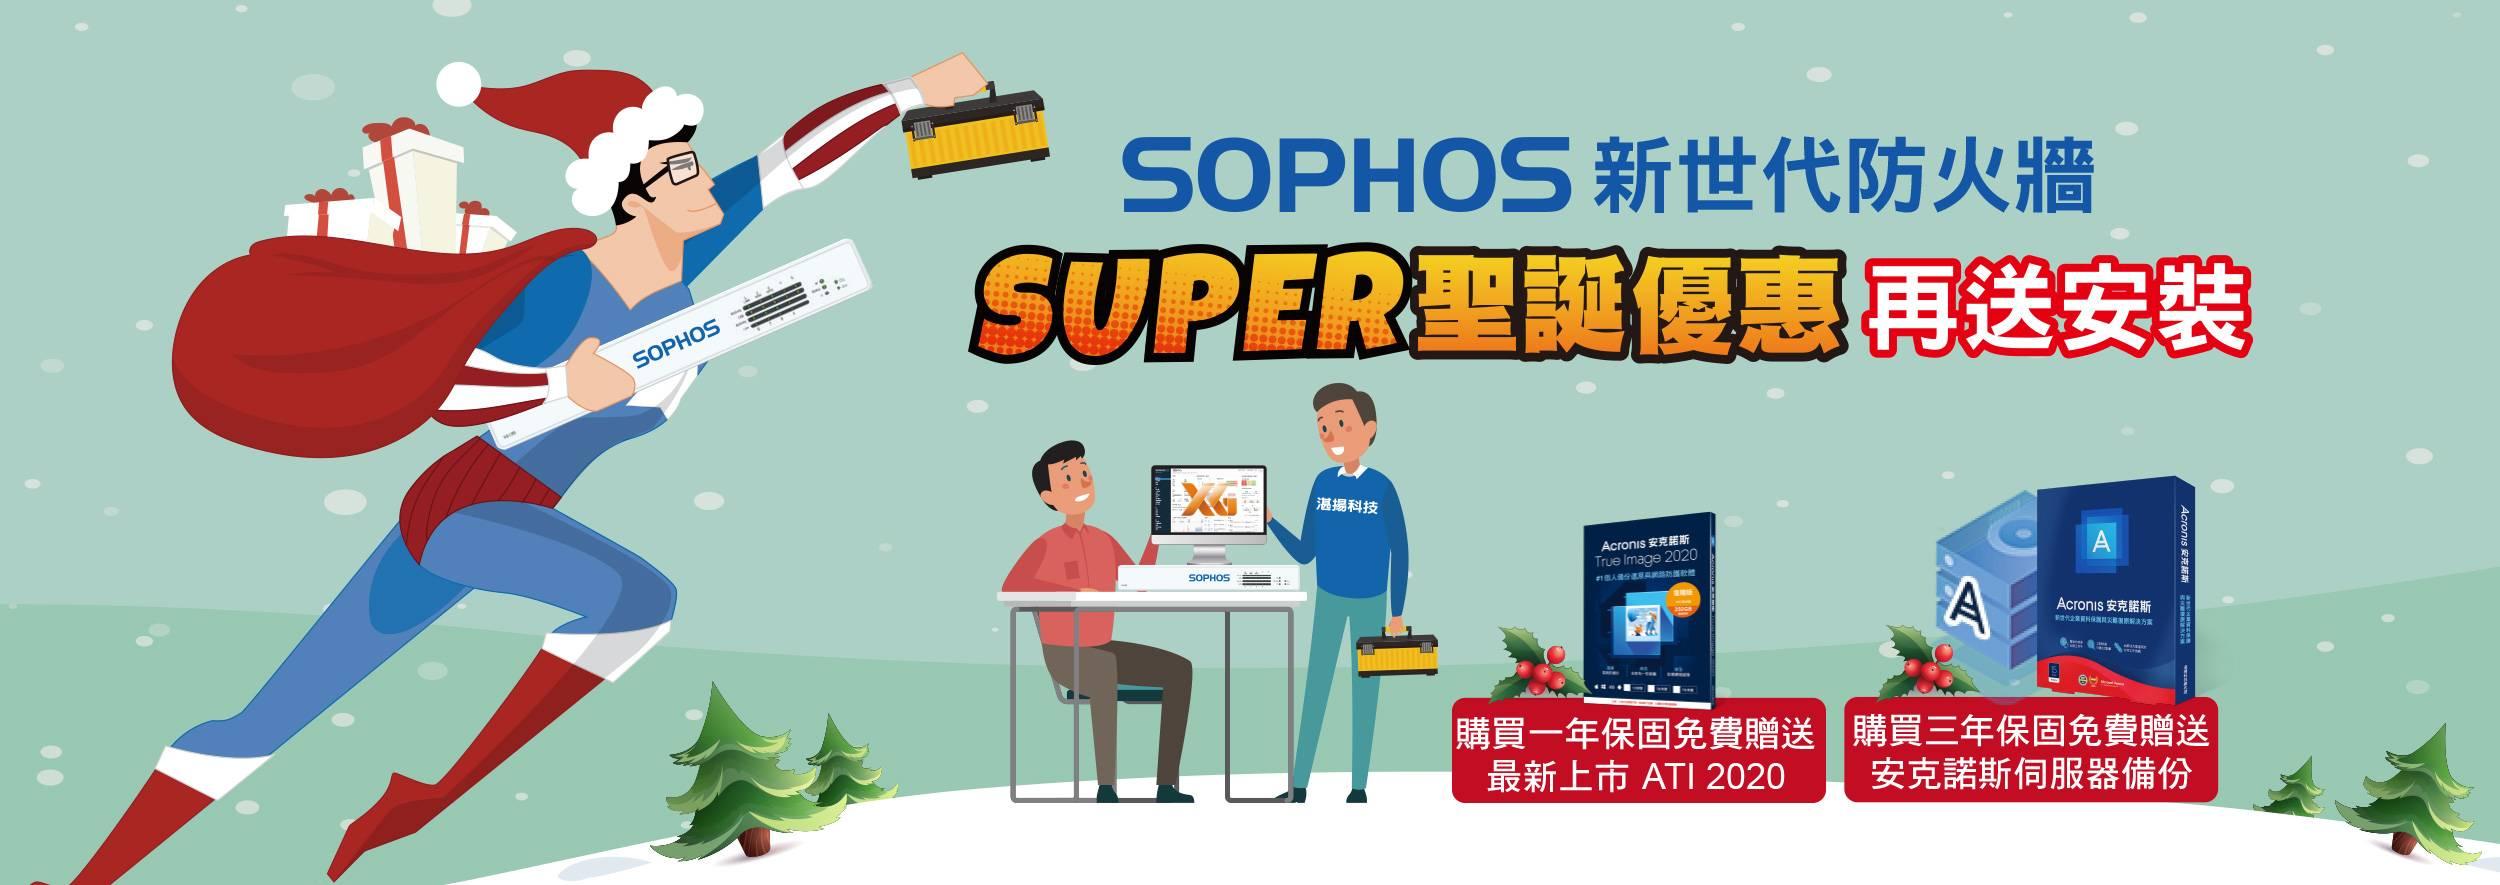 Sophos Super 聖誕優惠